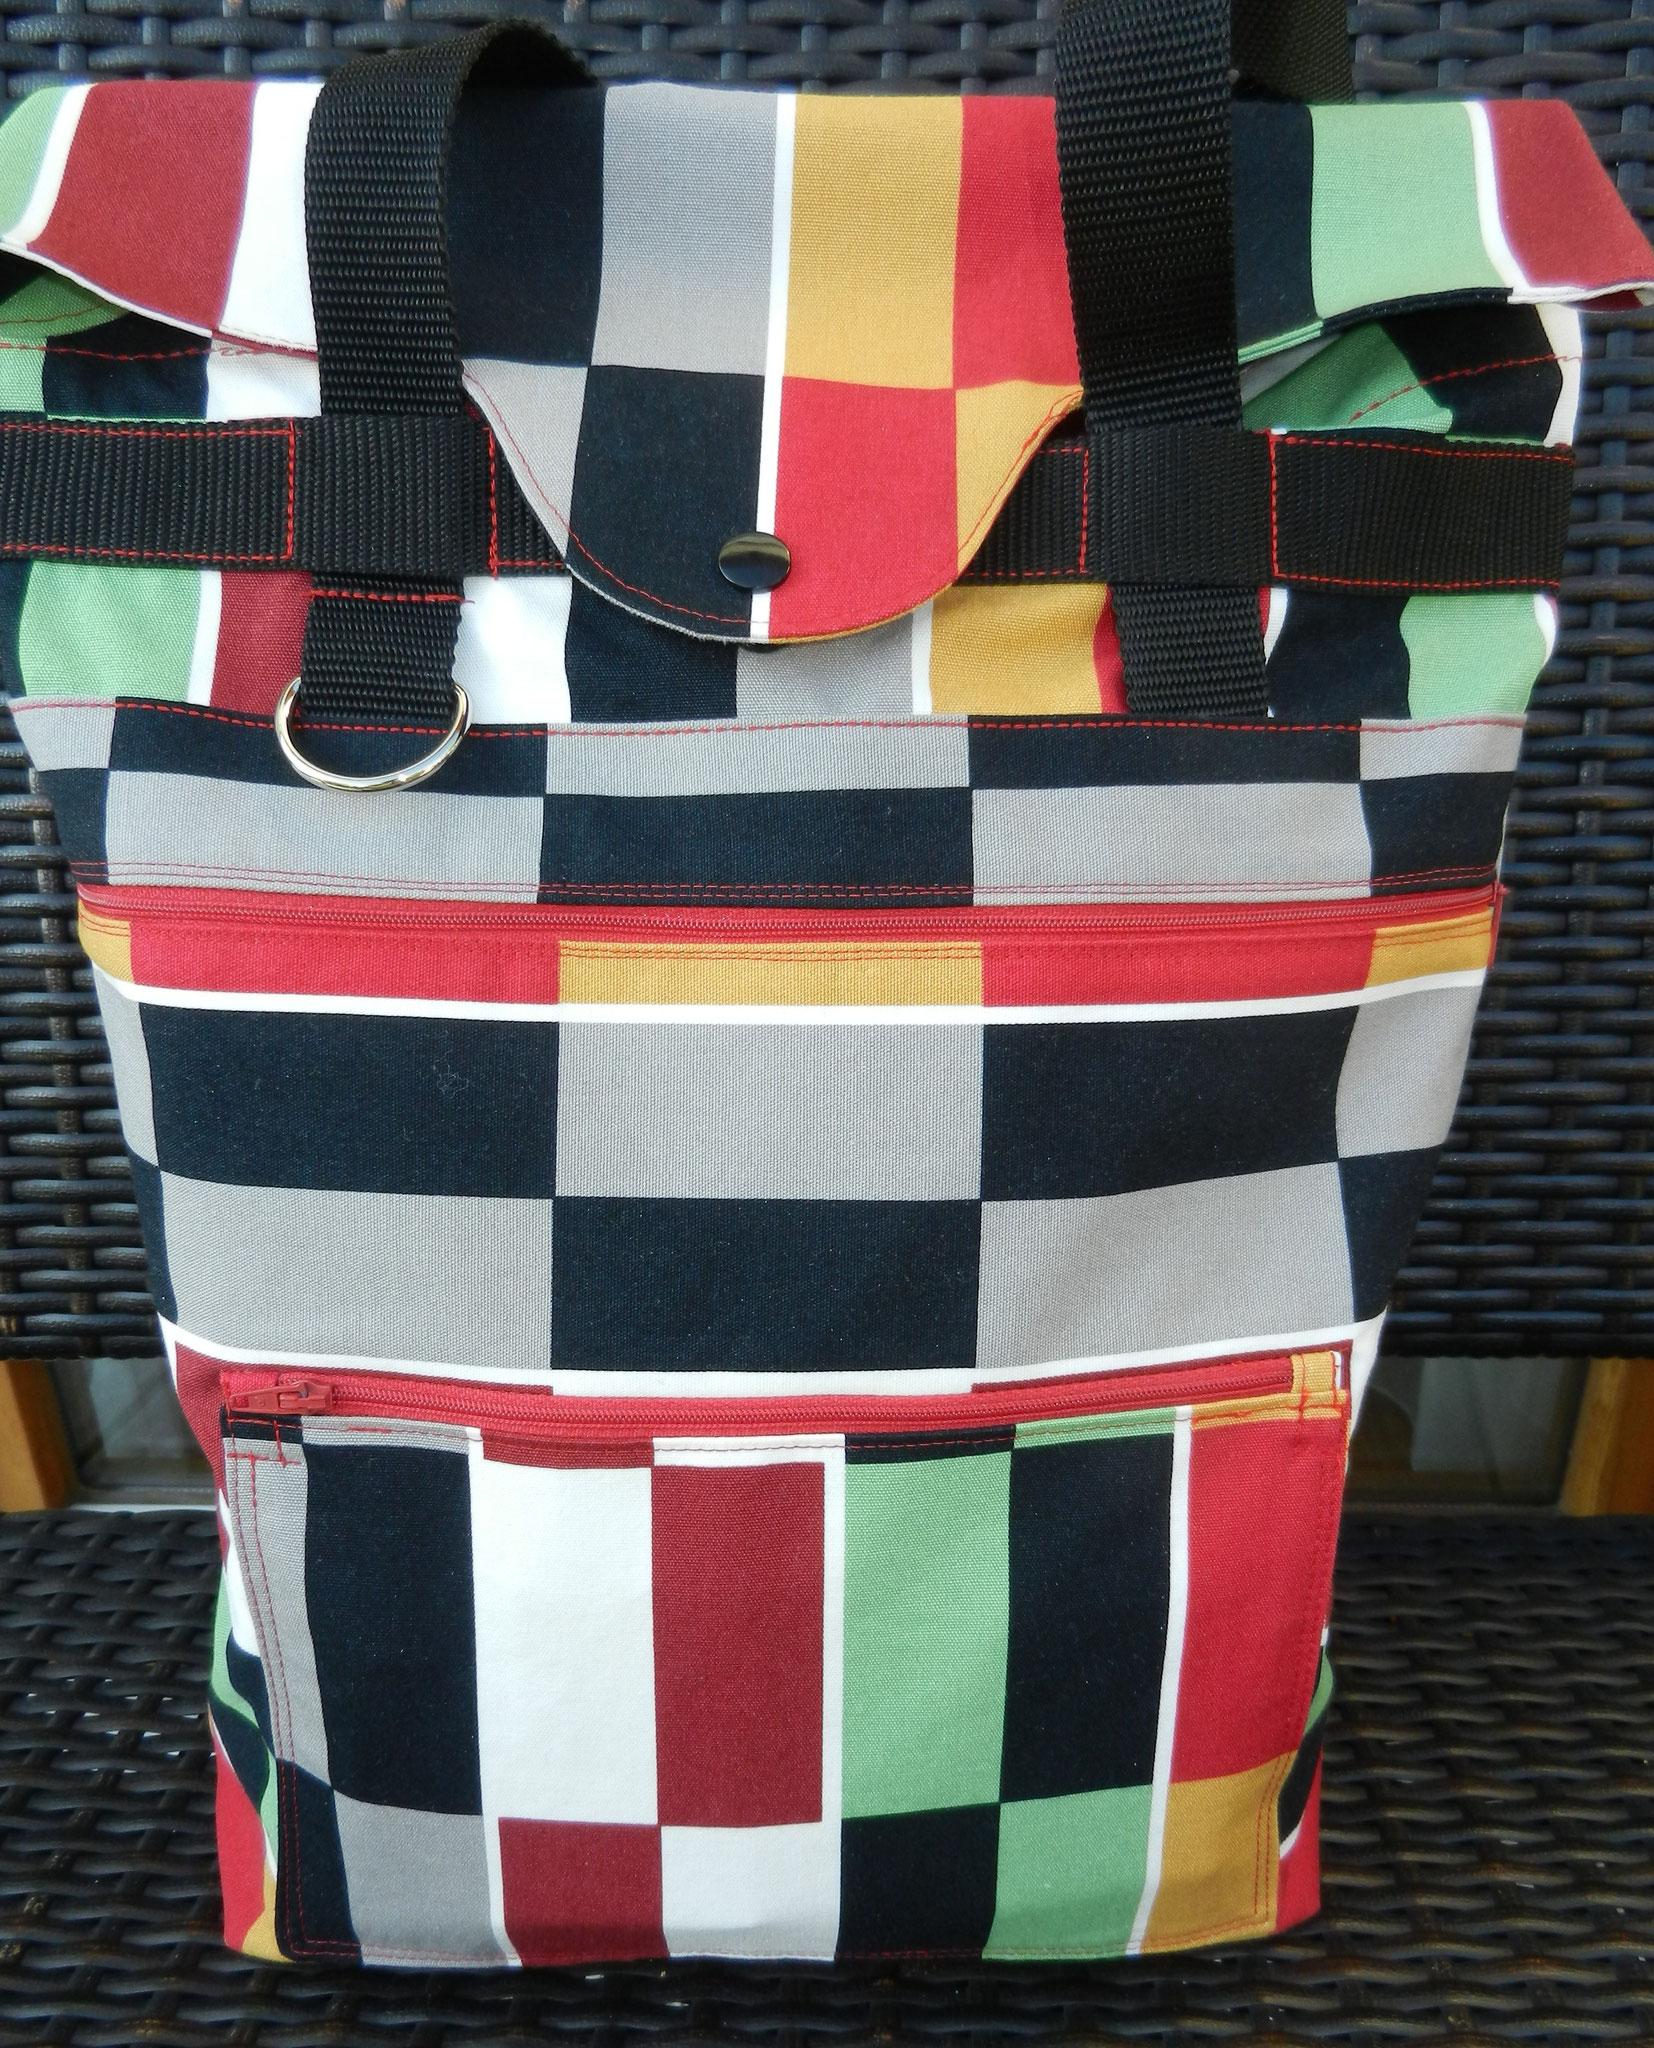 Vorderseite, mit großem Aussenfach und kleinerer aufgesetzter Tasche